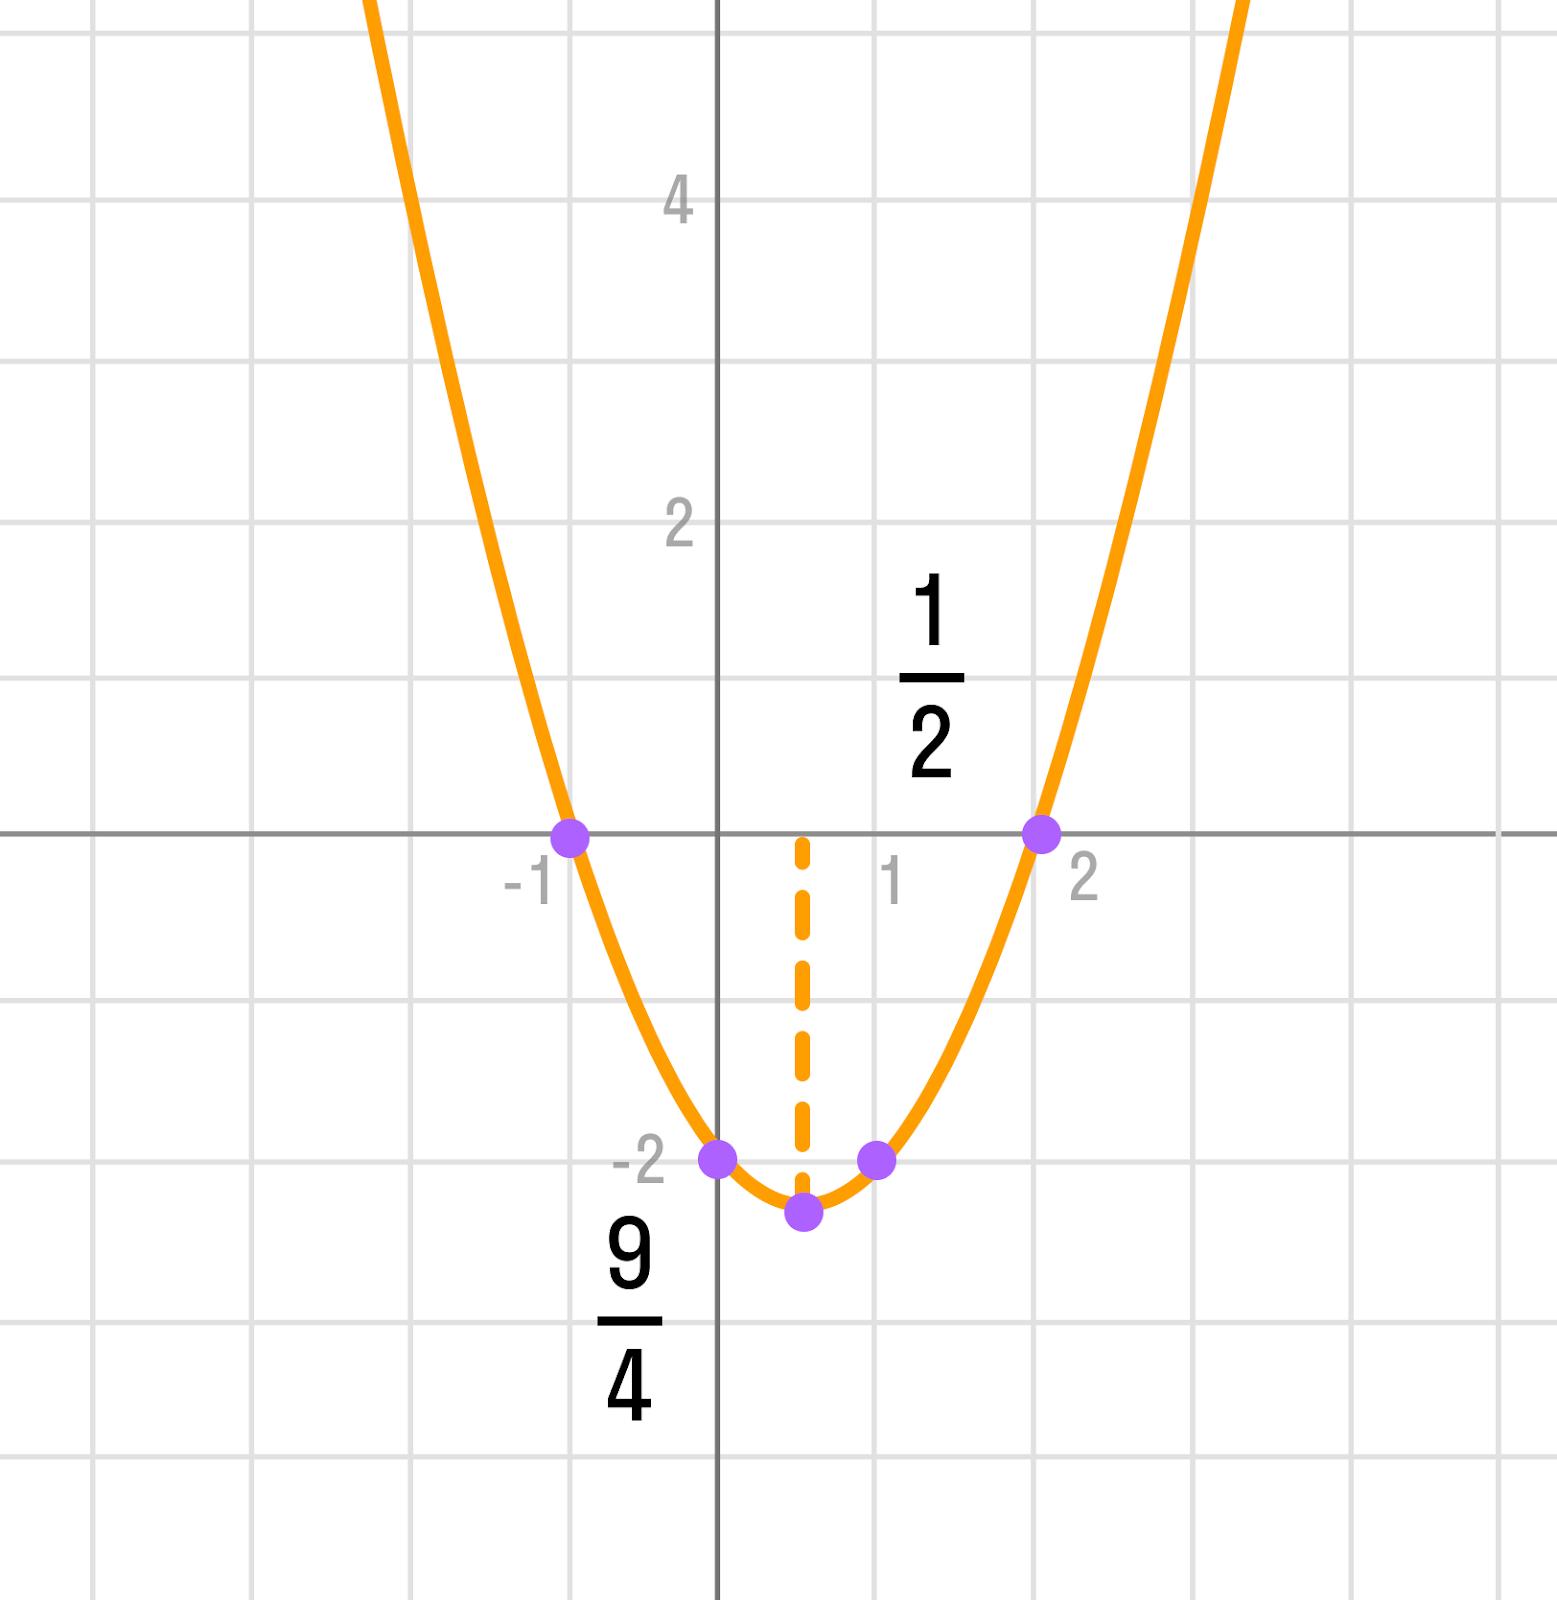 график параболы уравнения y = (x + a) * (x + b)